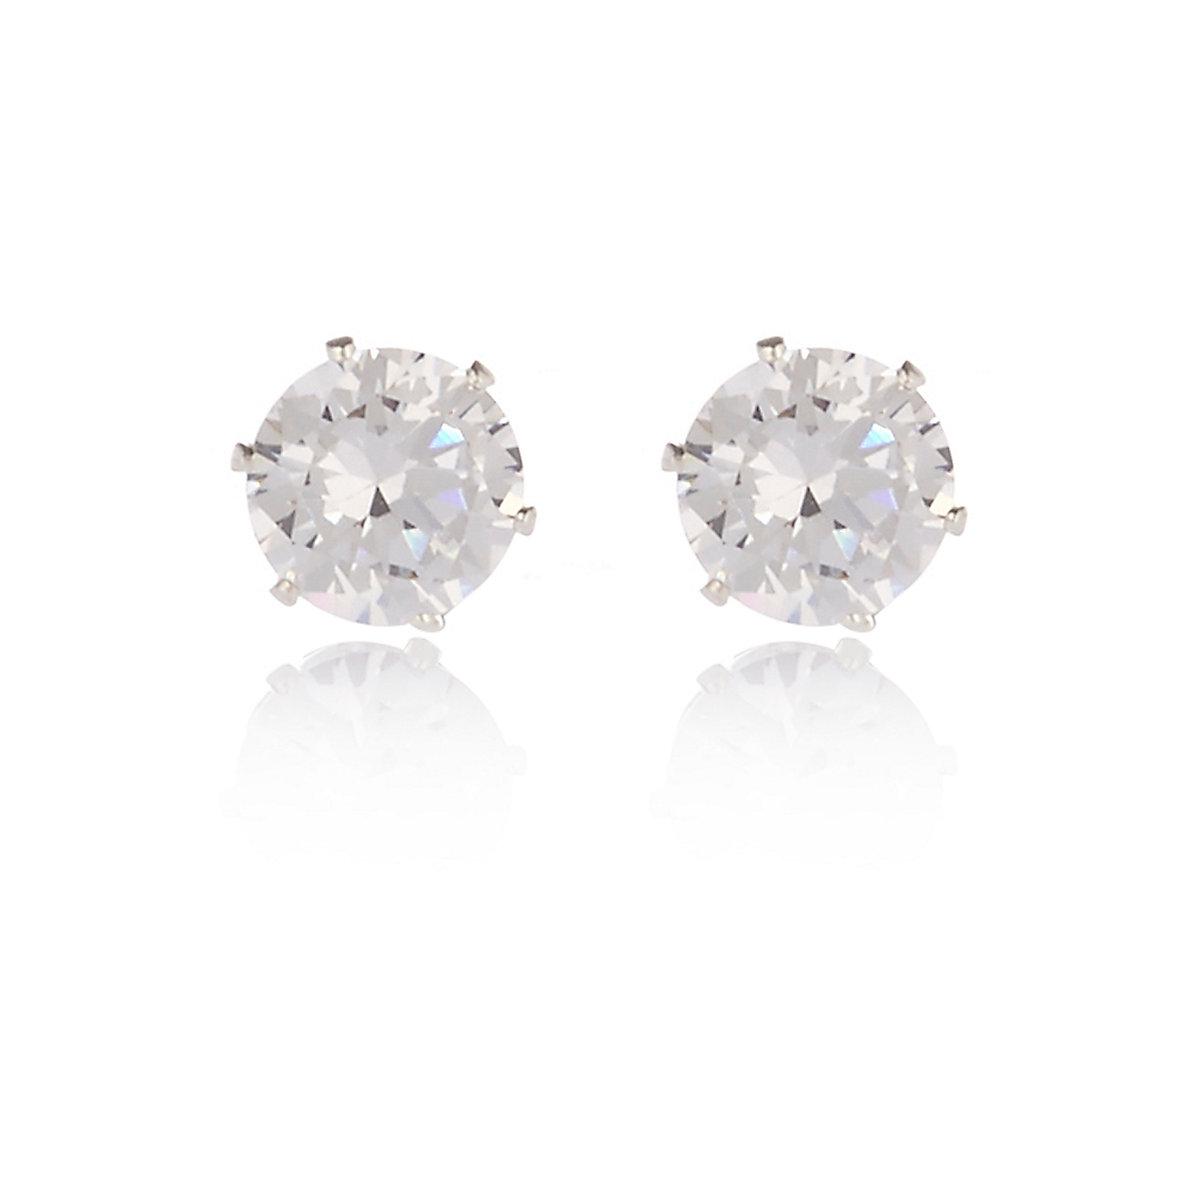 Cubic zirconia silver tone gem stud earrings